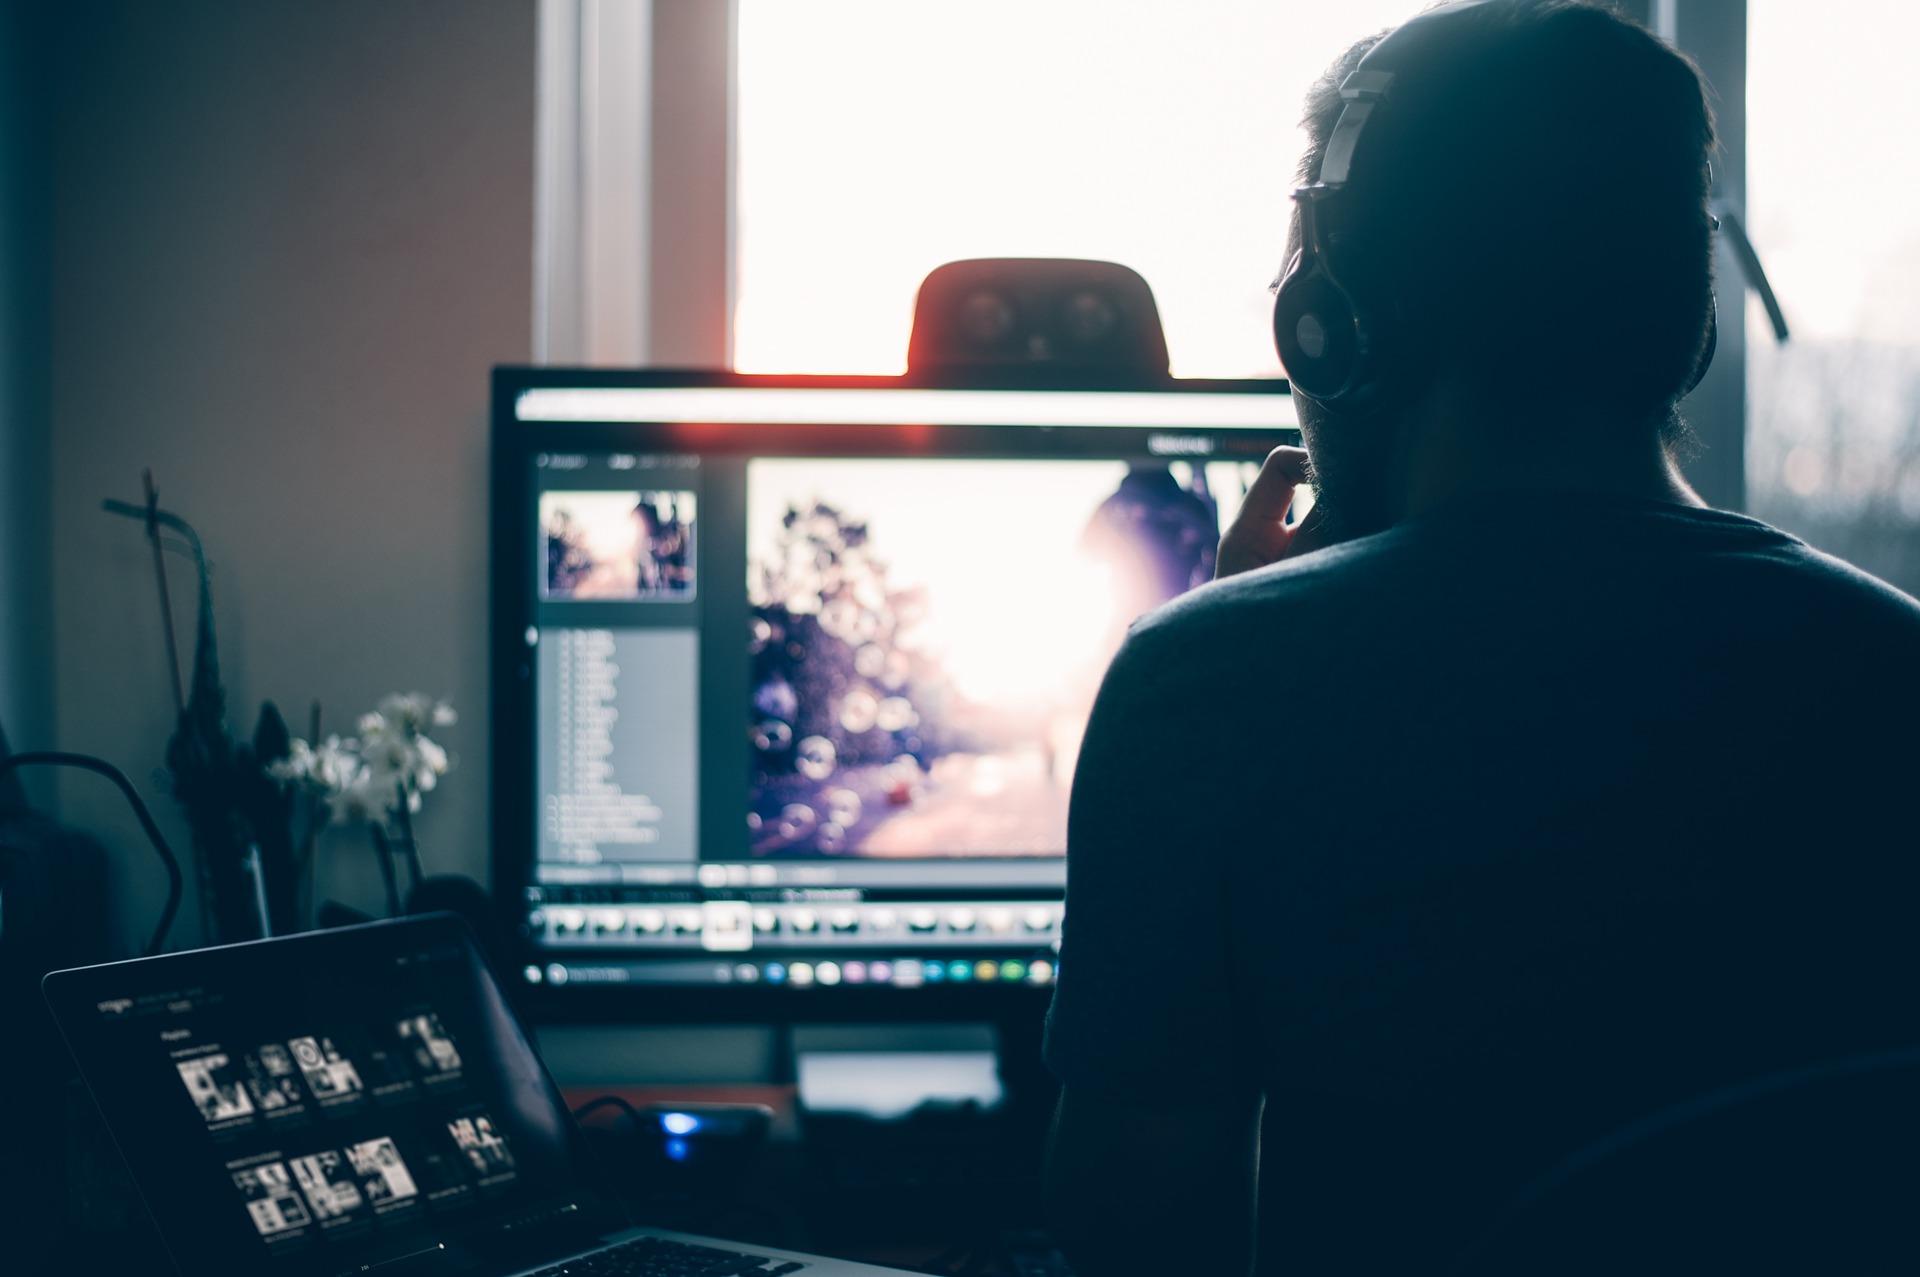 Imagem mostra um homem fazendo edição de imagem com um headset.